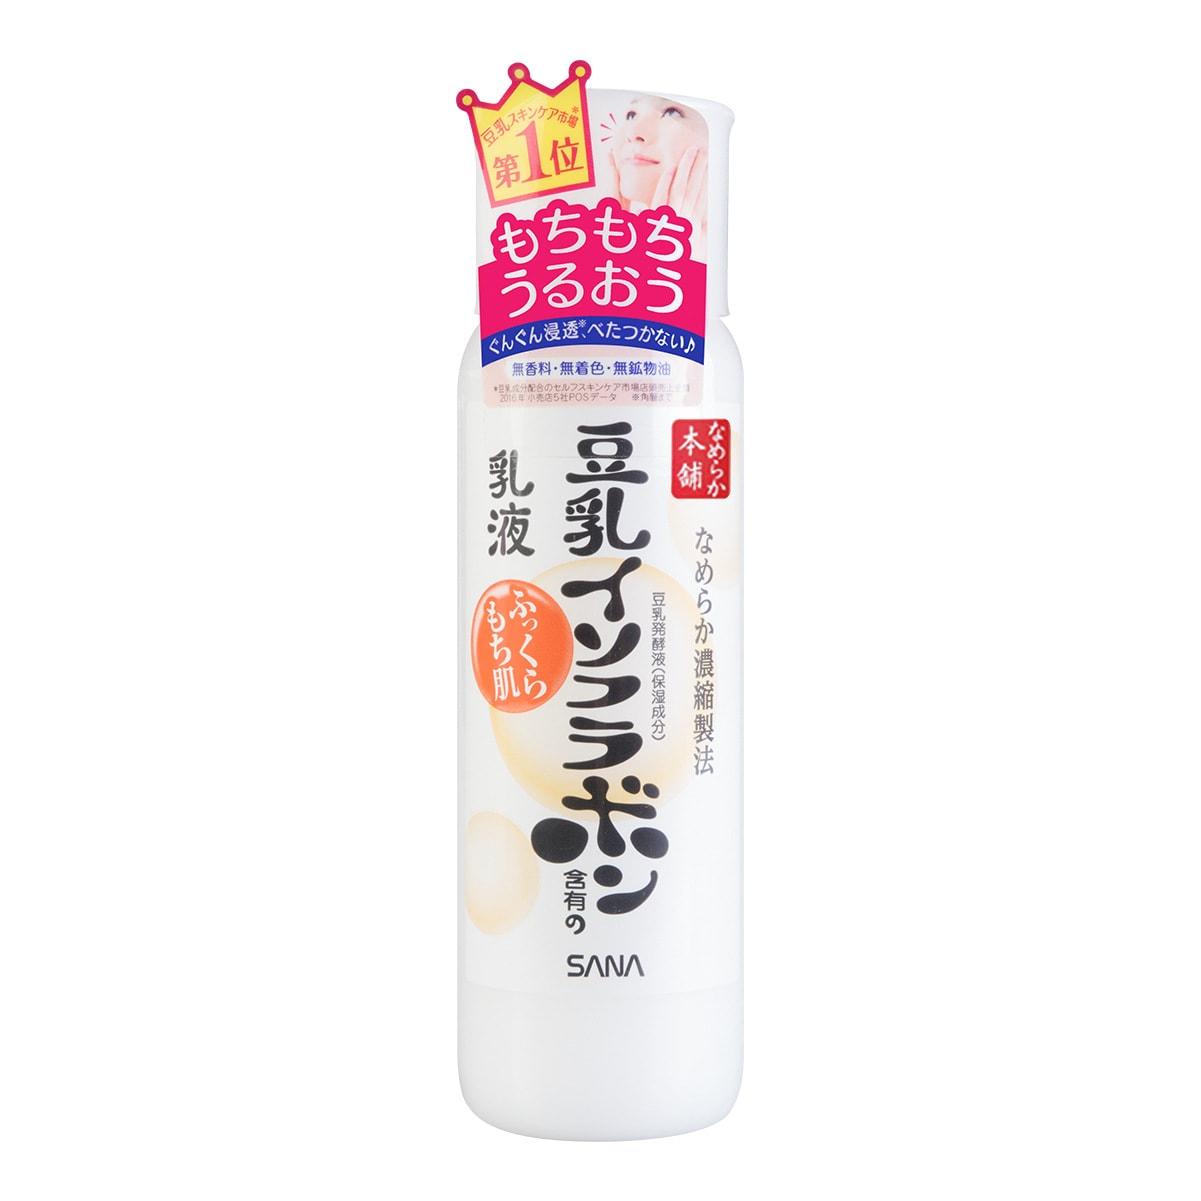 SANA NAMERAKA HONPO ISOFLAVONE Soy Milk Moisturizing Milky Lotion Emulsion 150ml